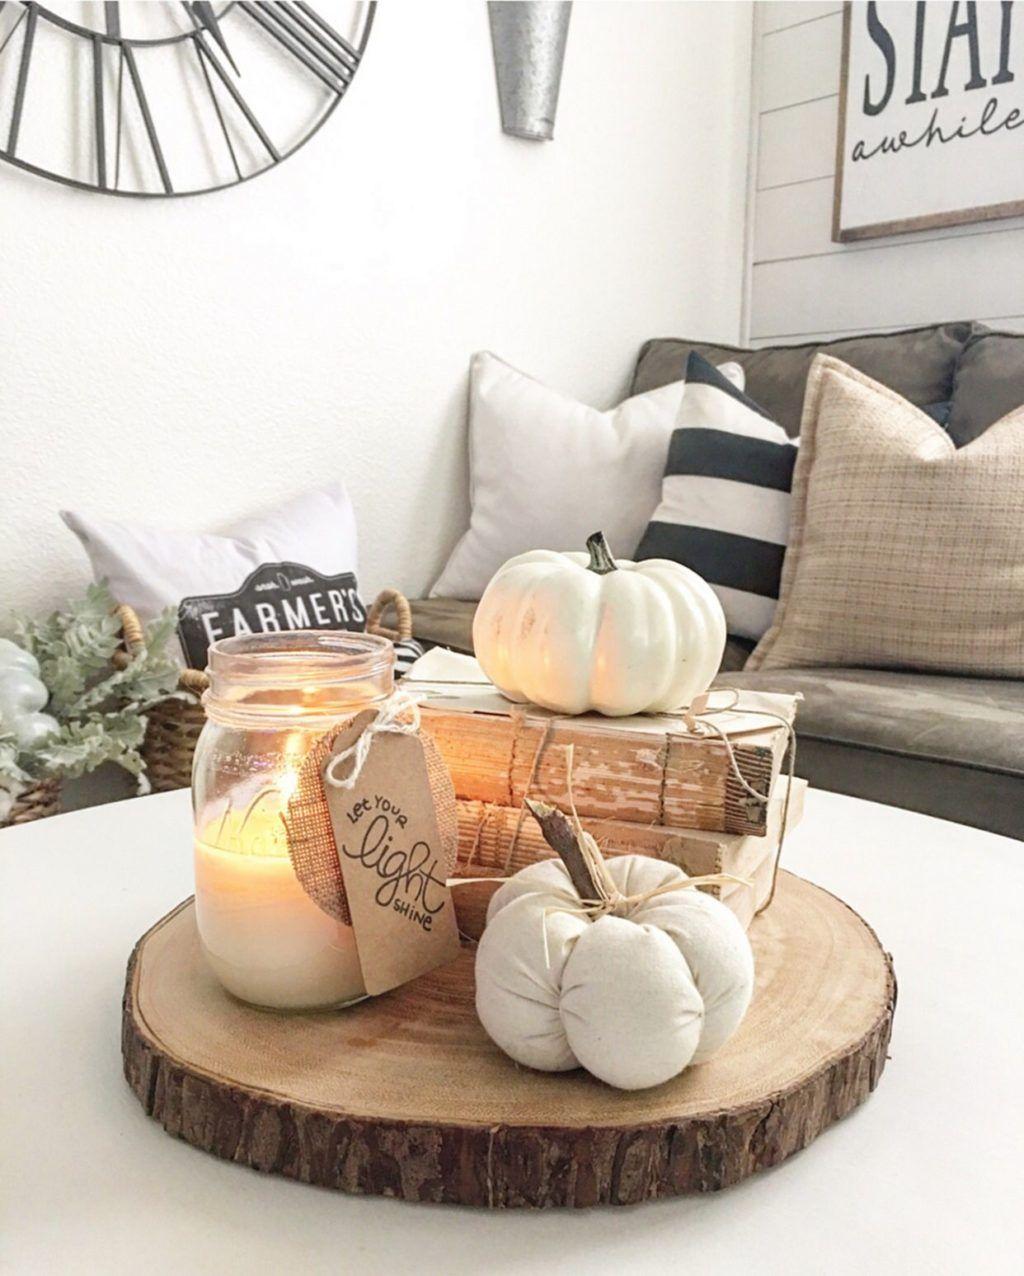 Beautiful Farmhouse Fall Decor Ideas 8228 Fall Living Room Fall Decor Fall Home Decor Autumn living room decorating